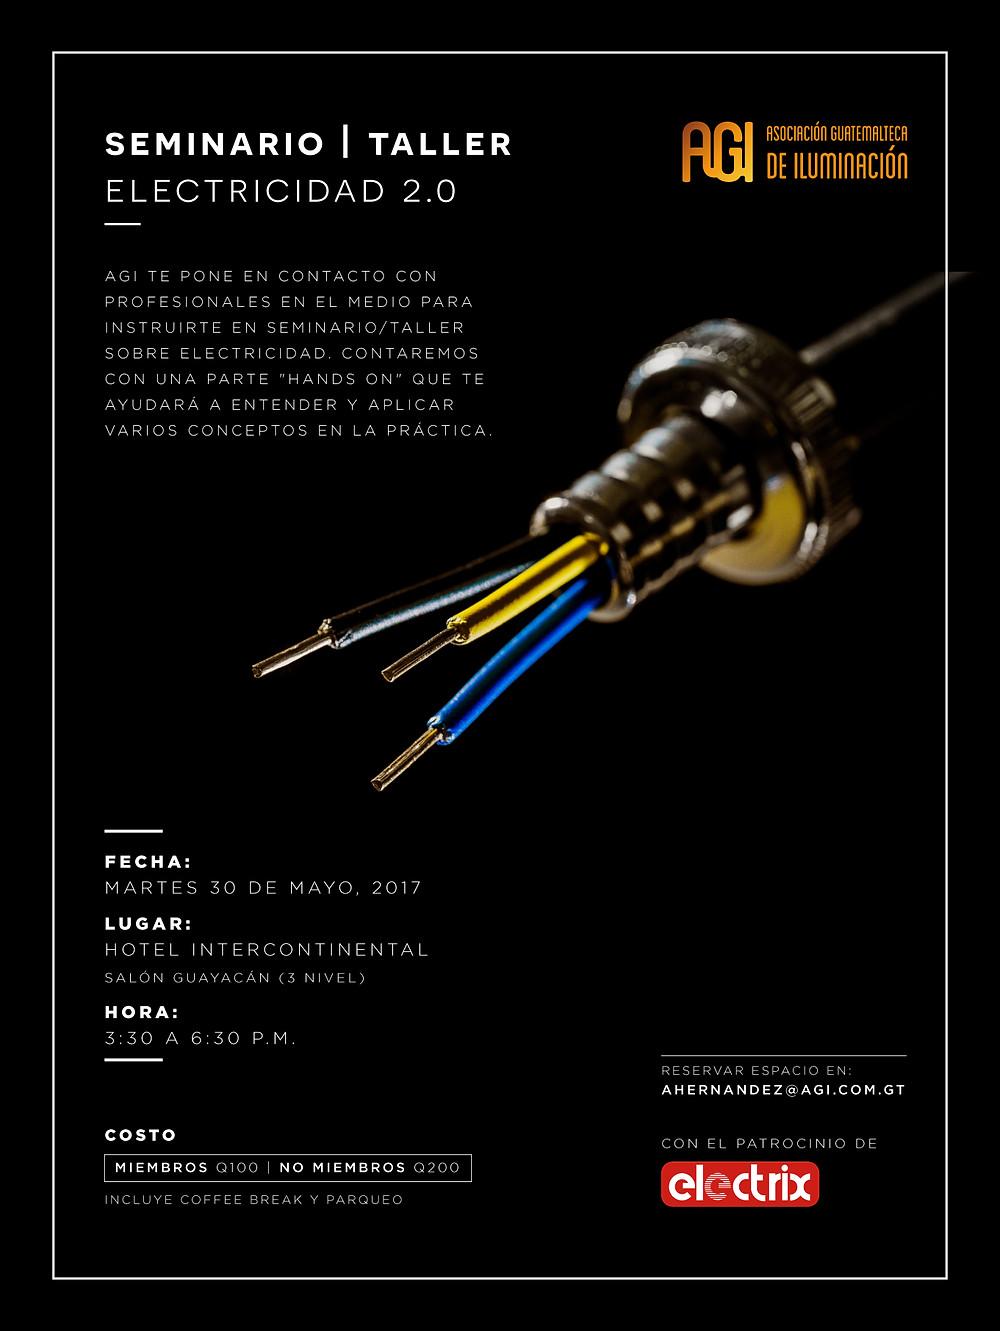 Invitación al Seminario/Taller Electricidad 2.0